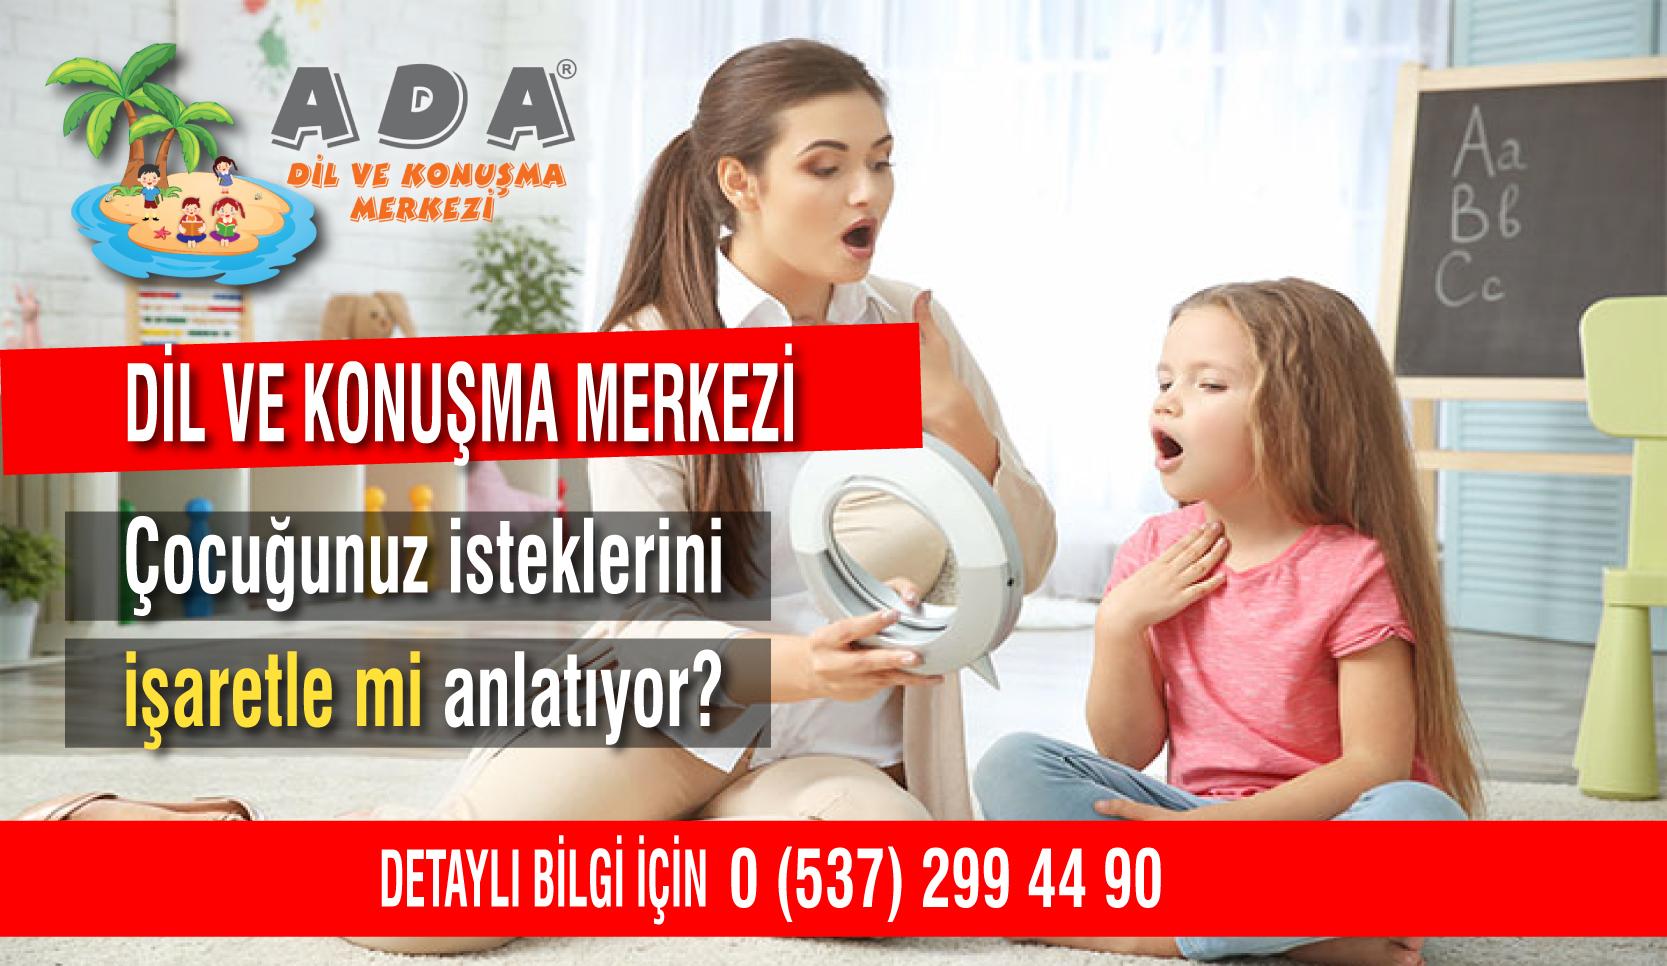 Dil ve Konuşma Merkezi İzmir